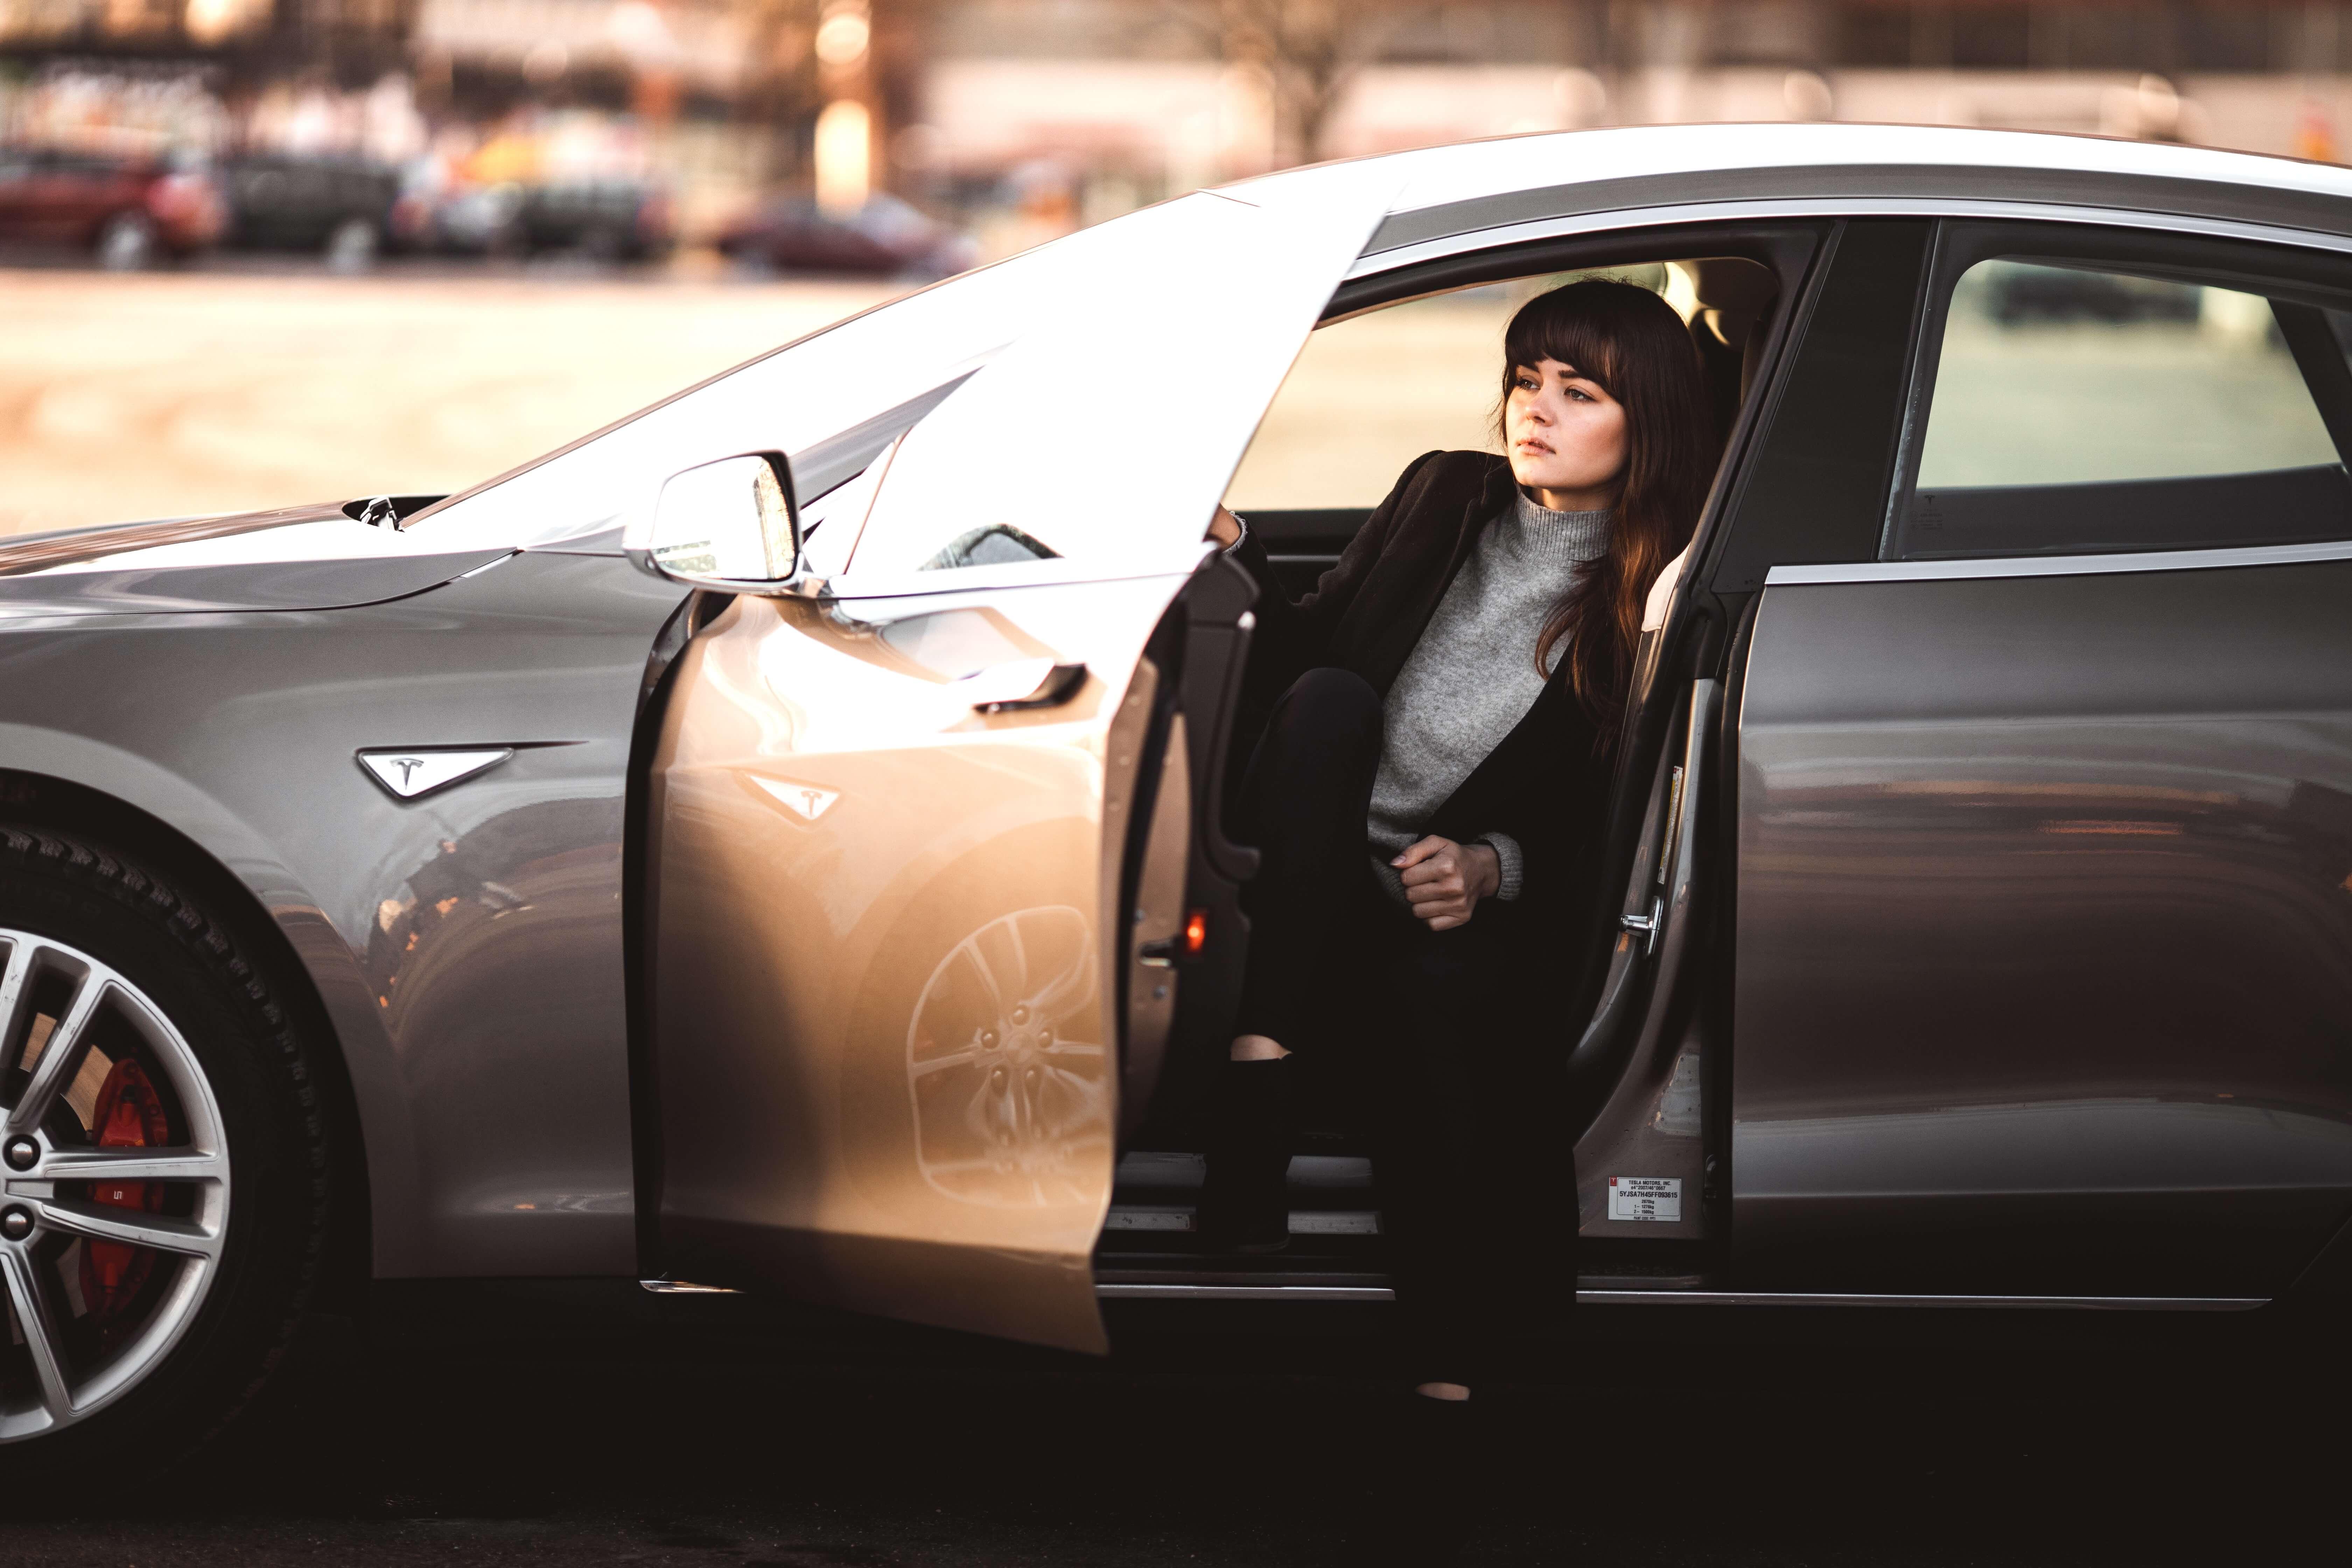 Mulher sentada no banco de motorista de um carro com a porta aberta, pensando sobre valor de bateria de carro